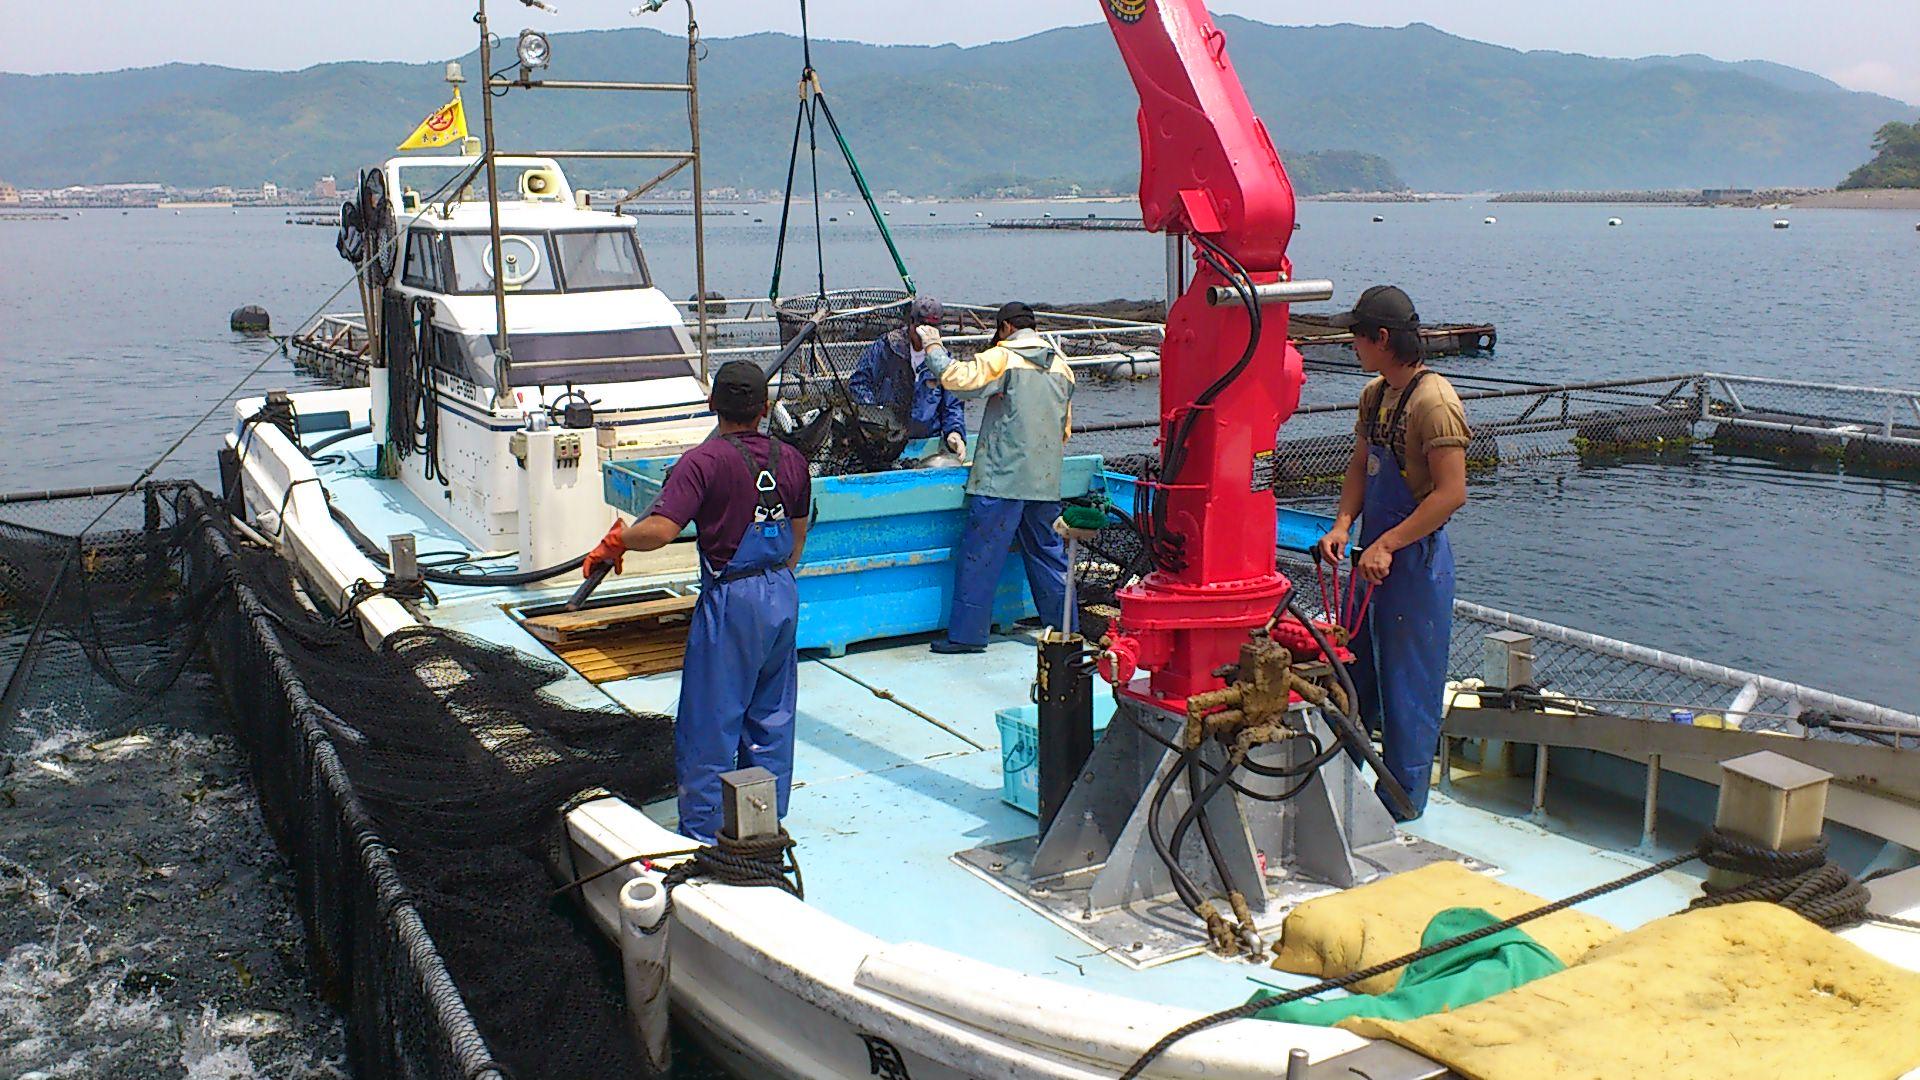 Đơn hàng thủy sản tại Nhật Bản lương cao